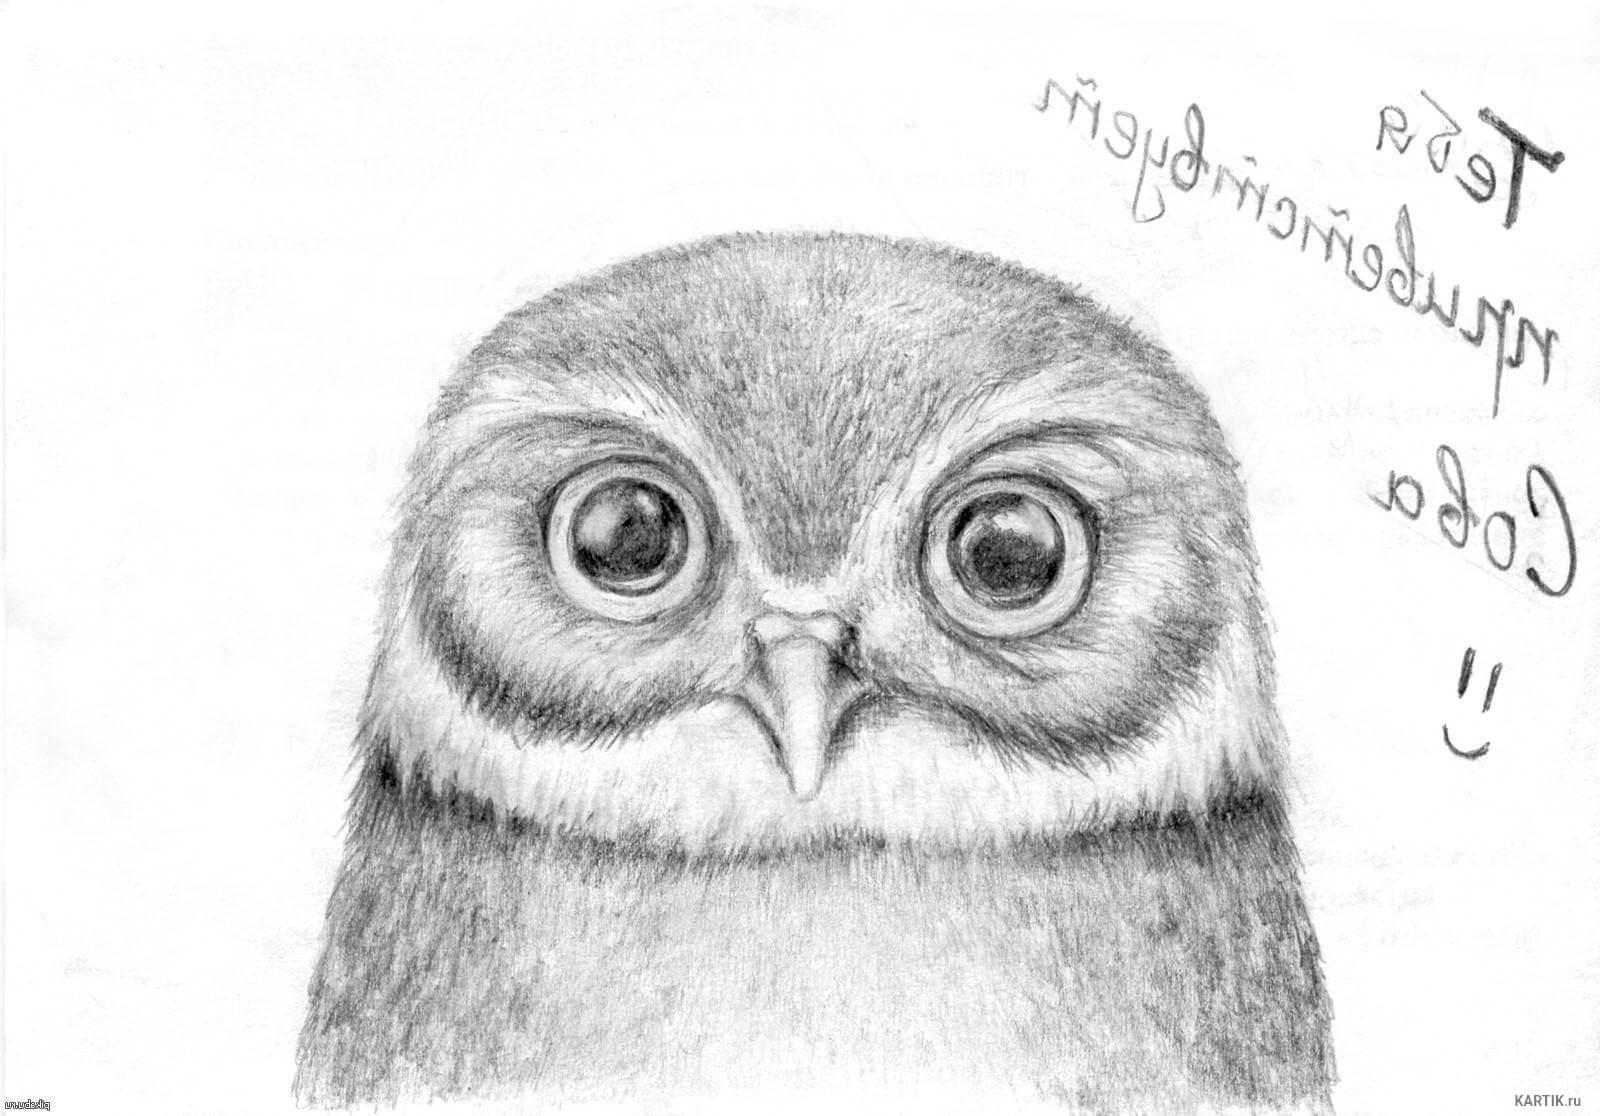 Красивые и милые картинки карандашом от руки - подборка (23 фото) 19